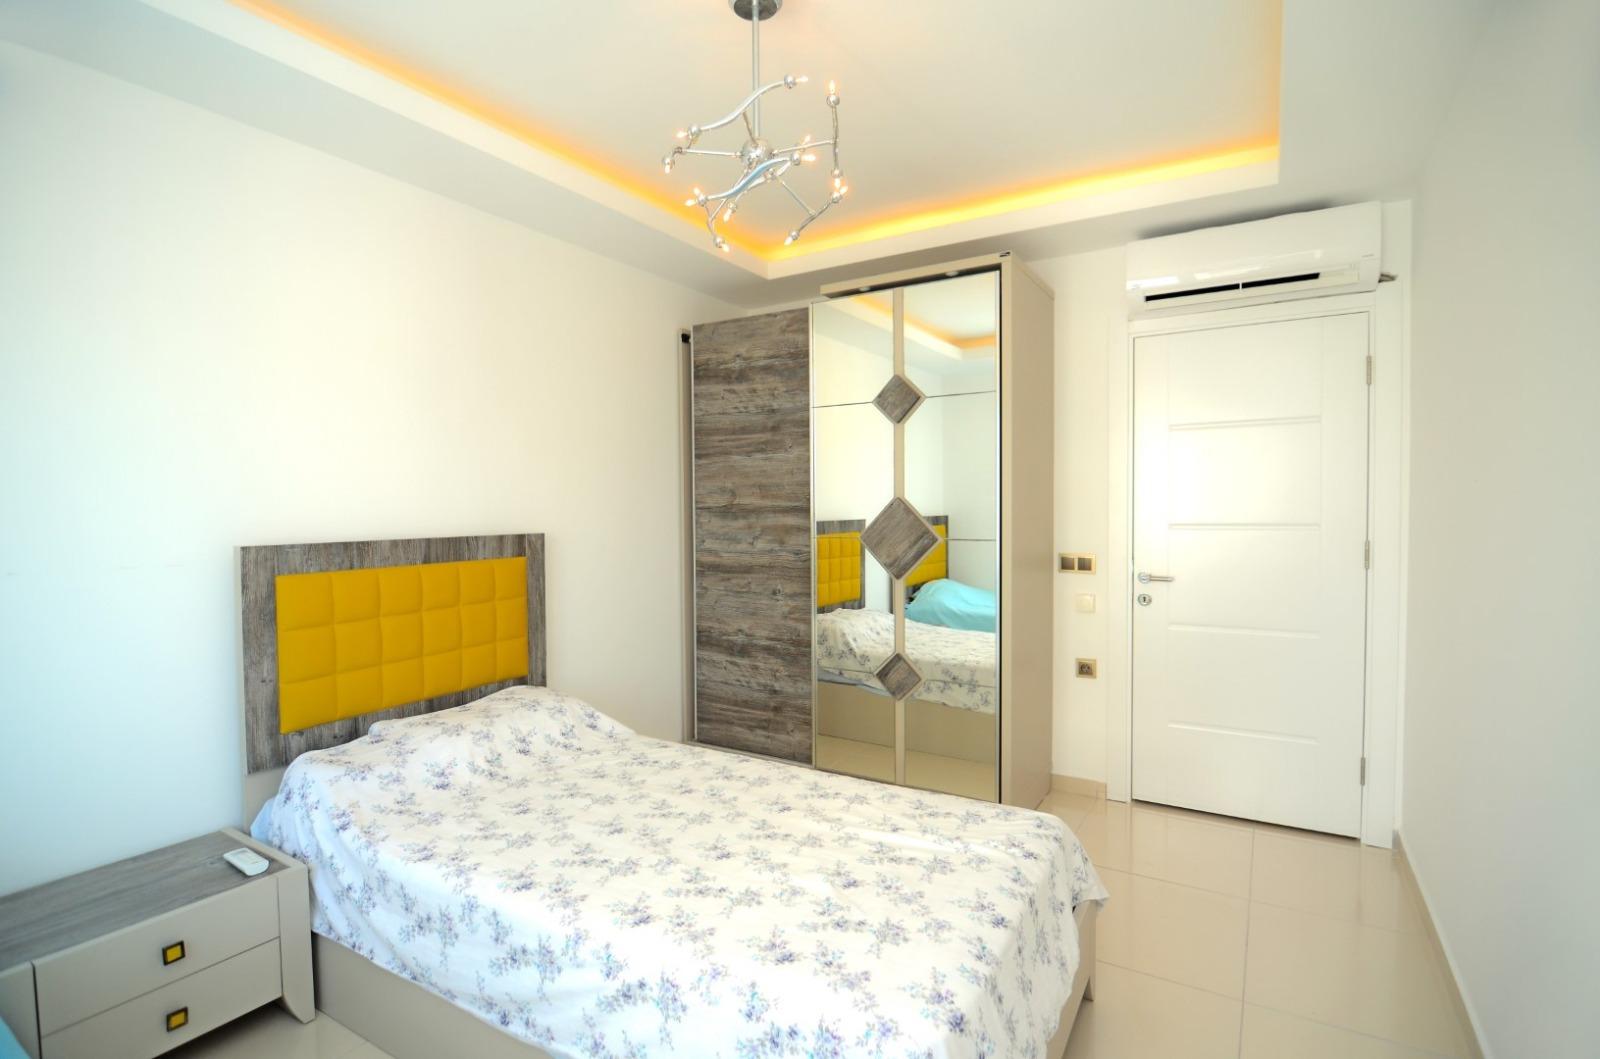 Трёхкомнатная квартира с мебелью и бытовой техникой - Фото 18